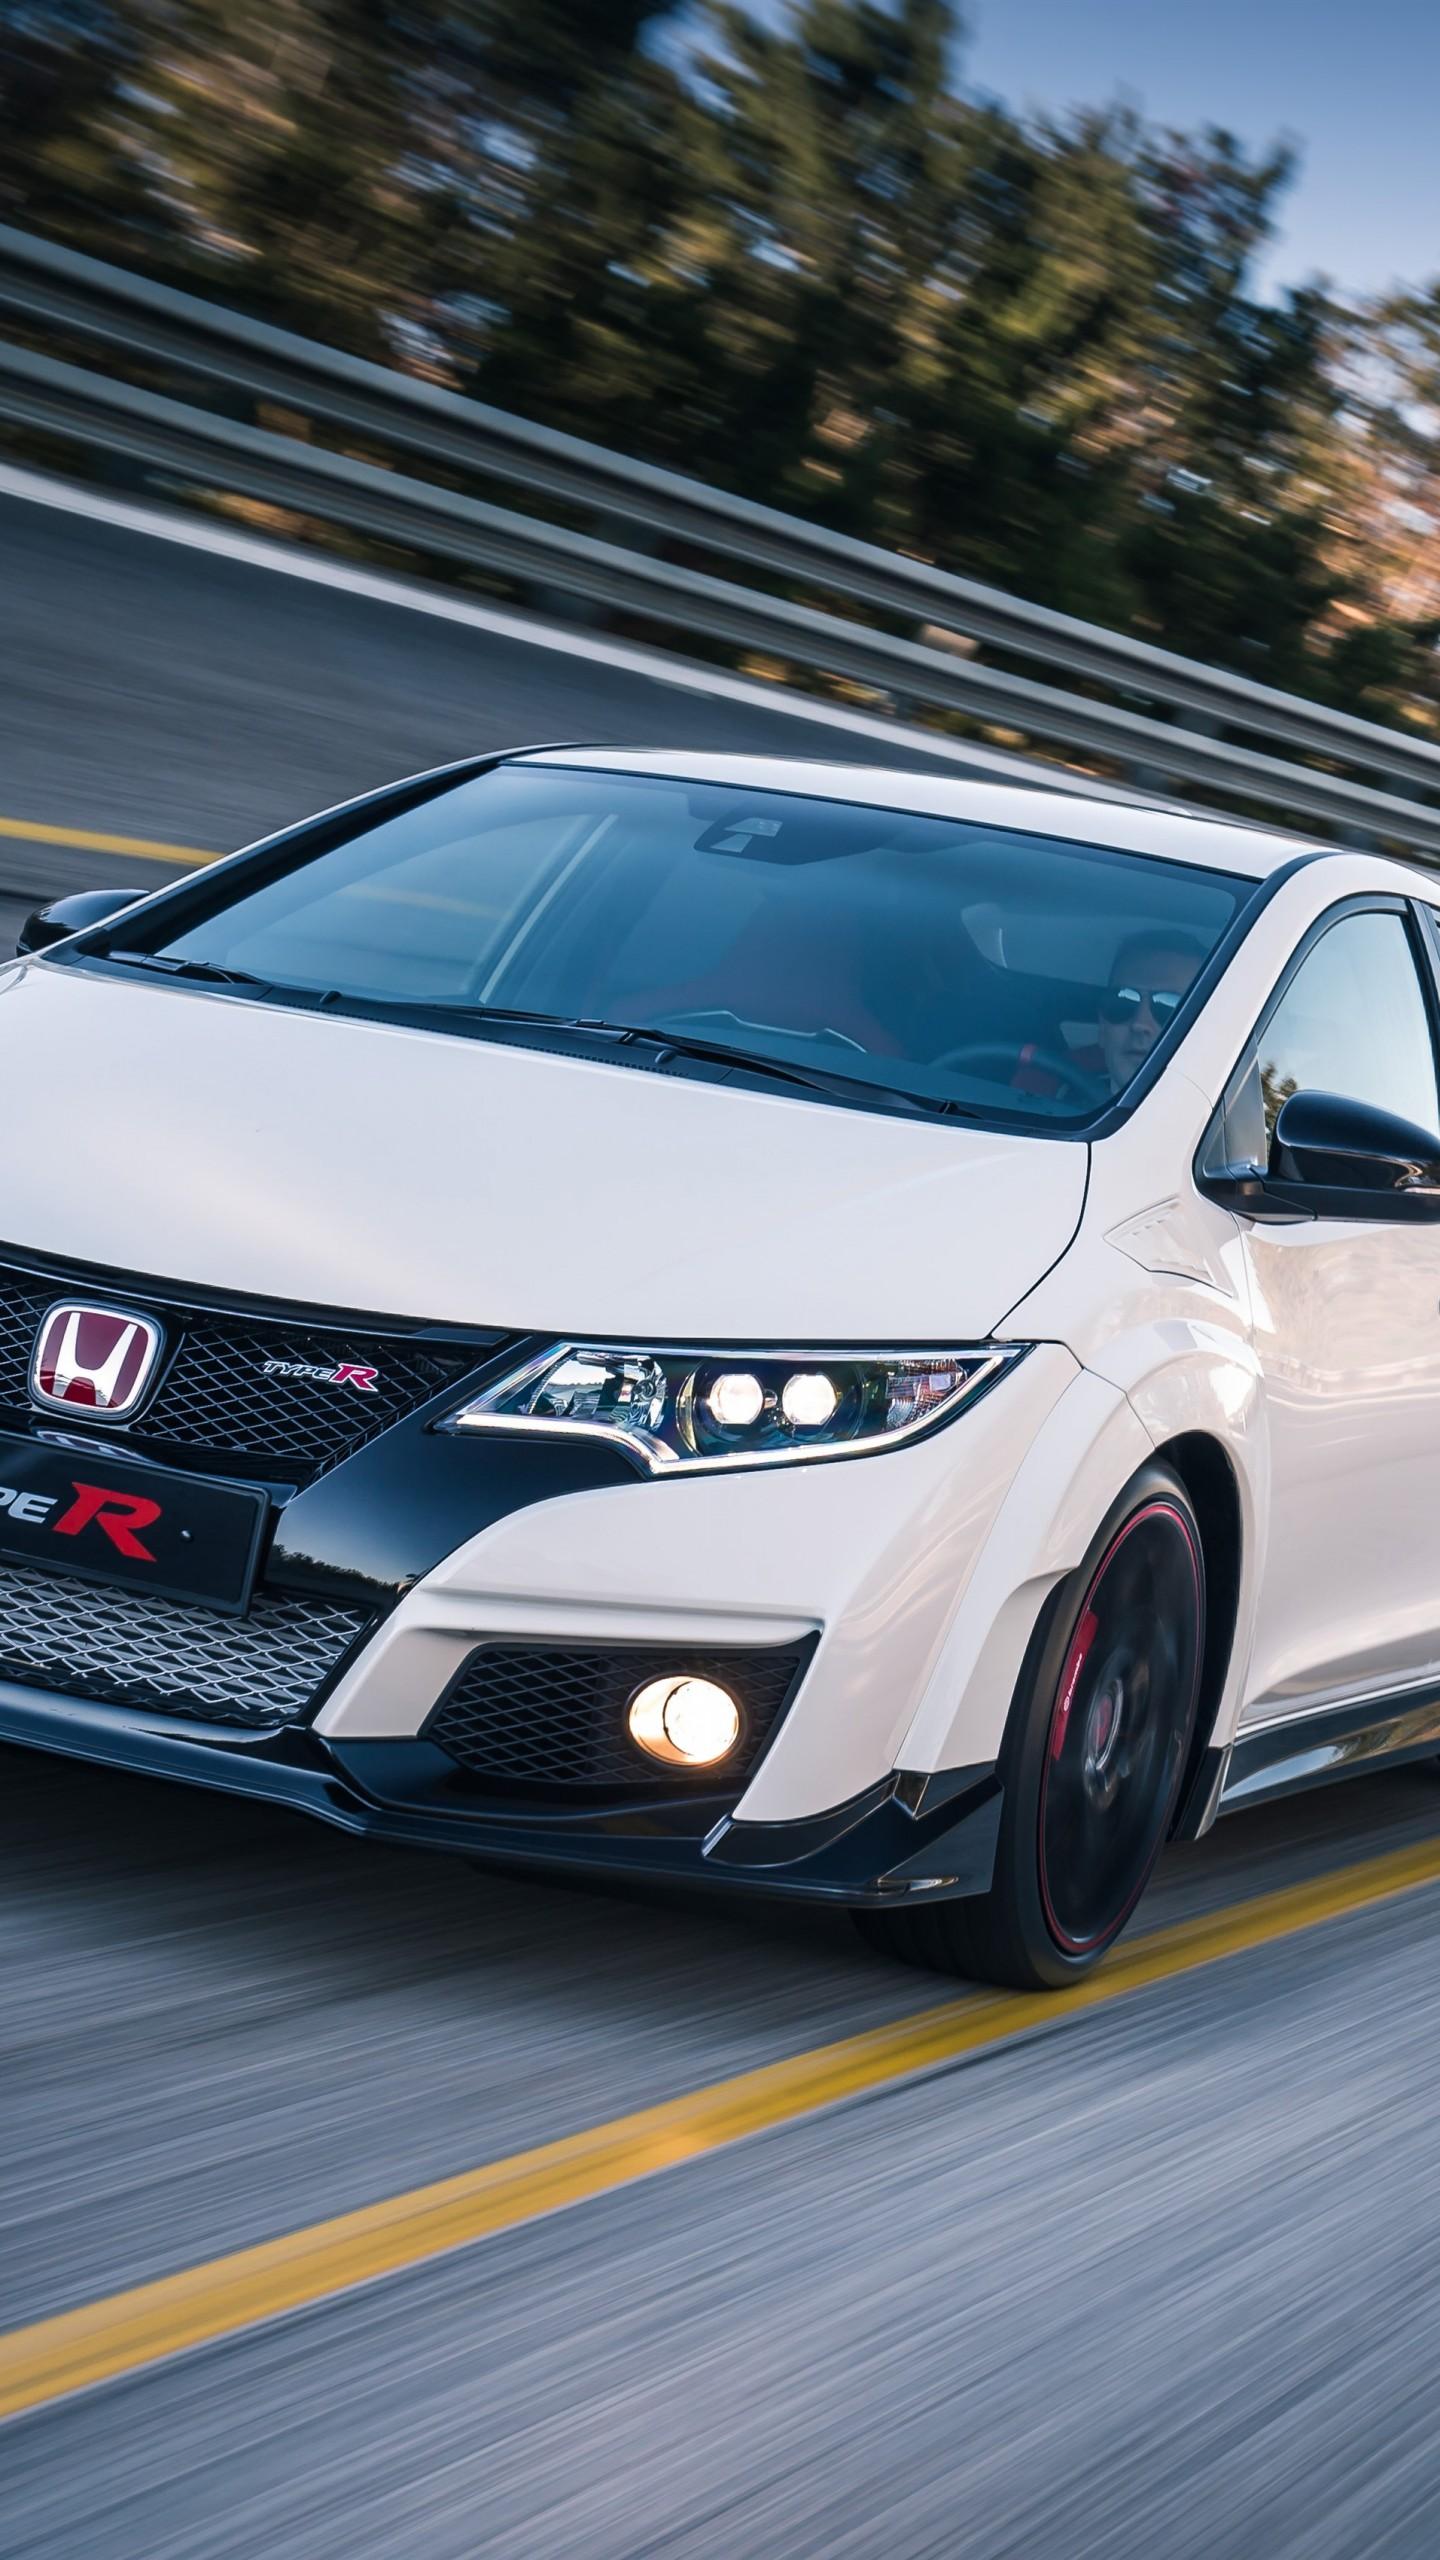 Wallpaper Honda Civic Type R Hatchback Nurburgring